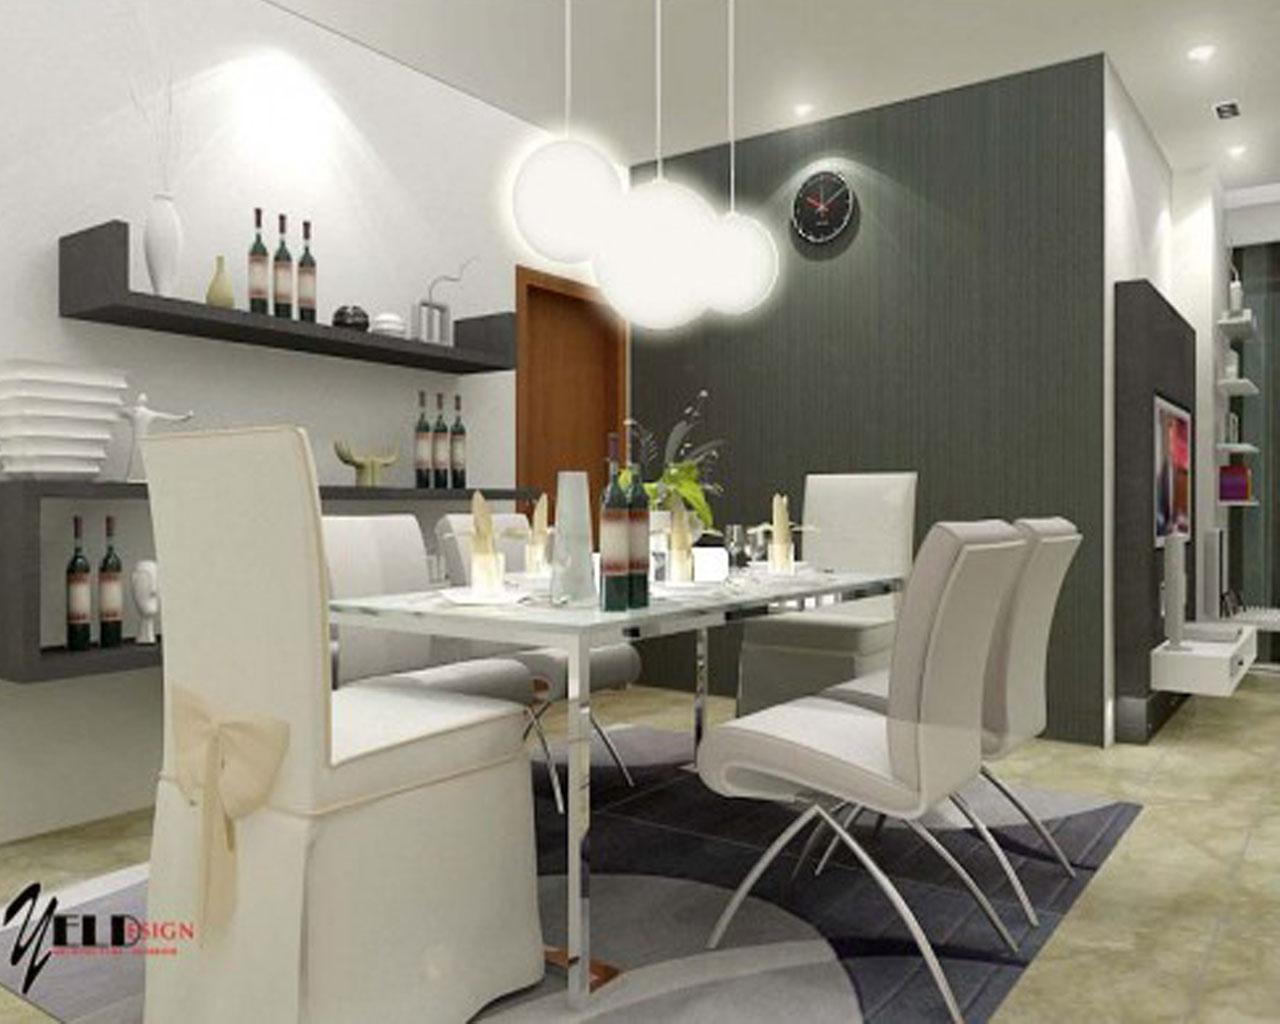 Dining room trend design wallpaper dining room ideas 2013 Dining room 1280x1024